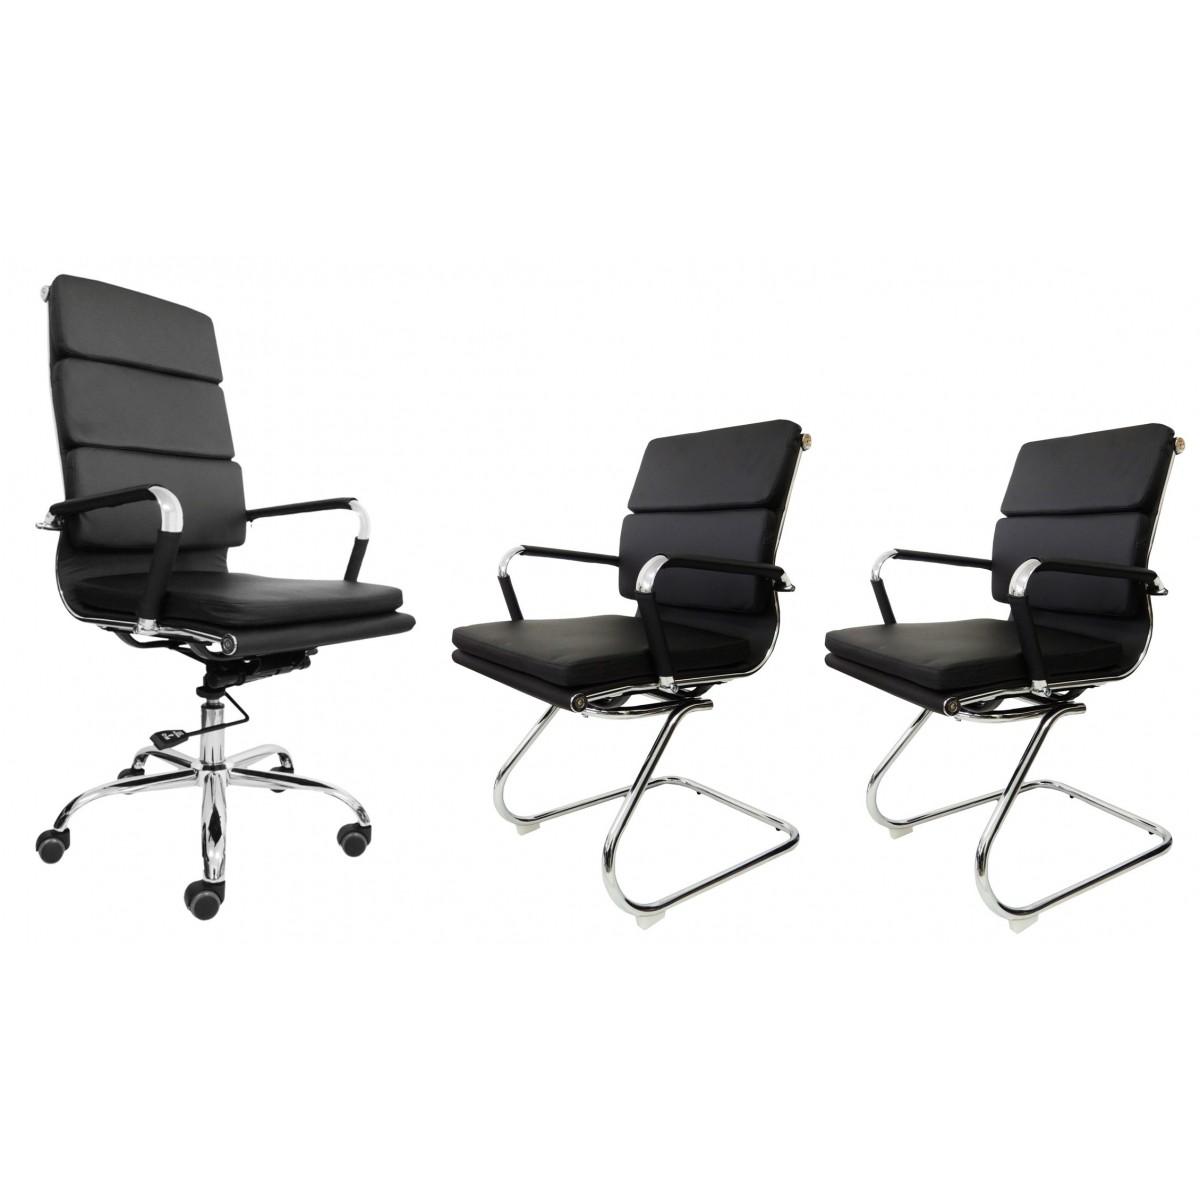 Conjunto 1 Cadeira Presidente e 2 Interlocutores Design Charles Eames em Couro PU Preta Pelegrin PEL-7089H3/V